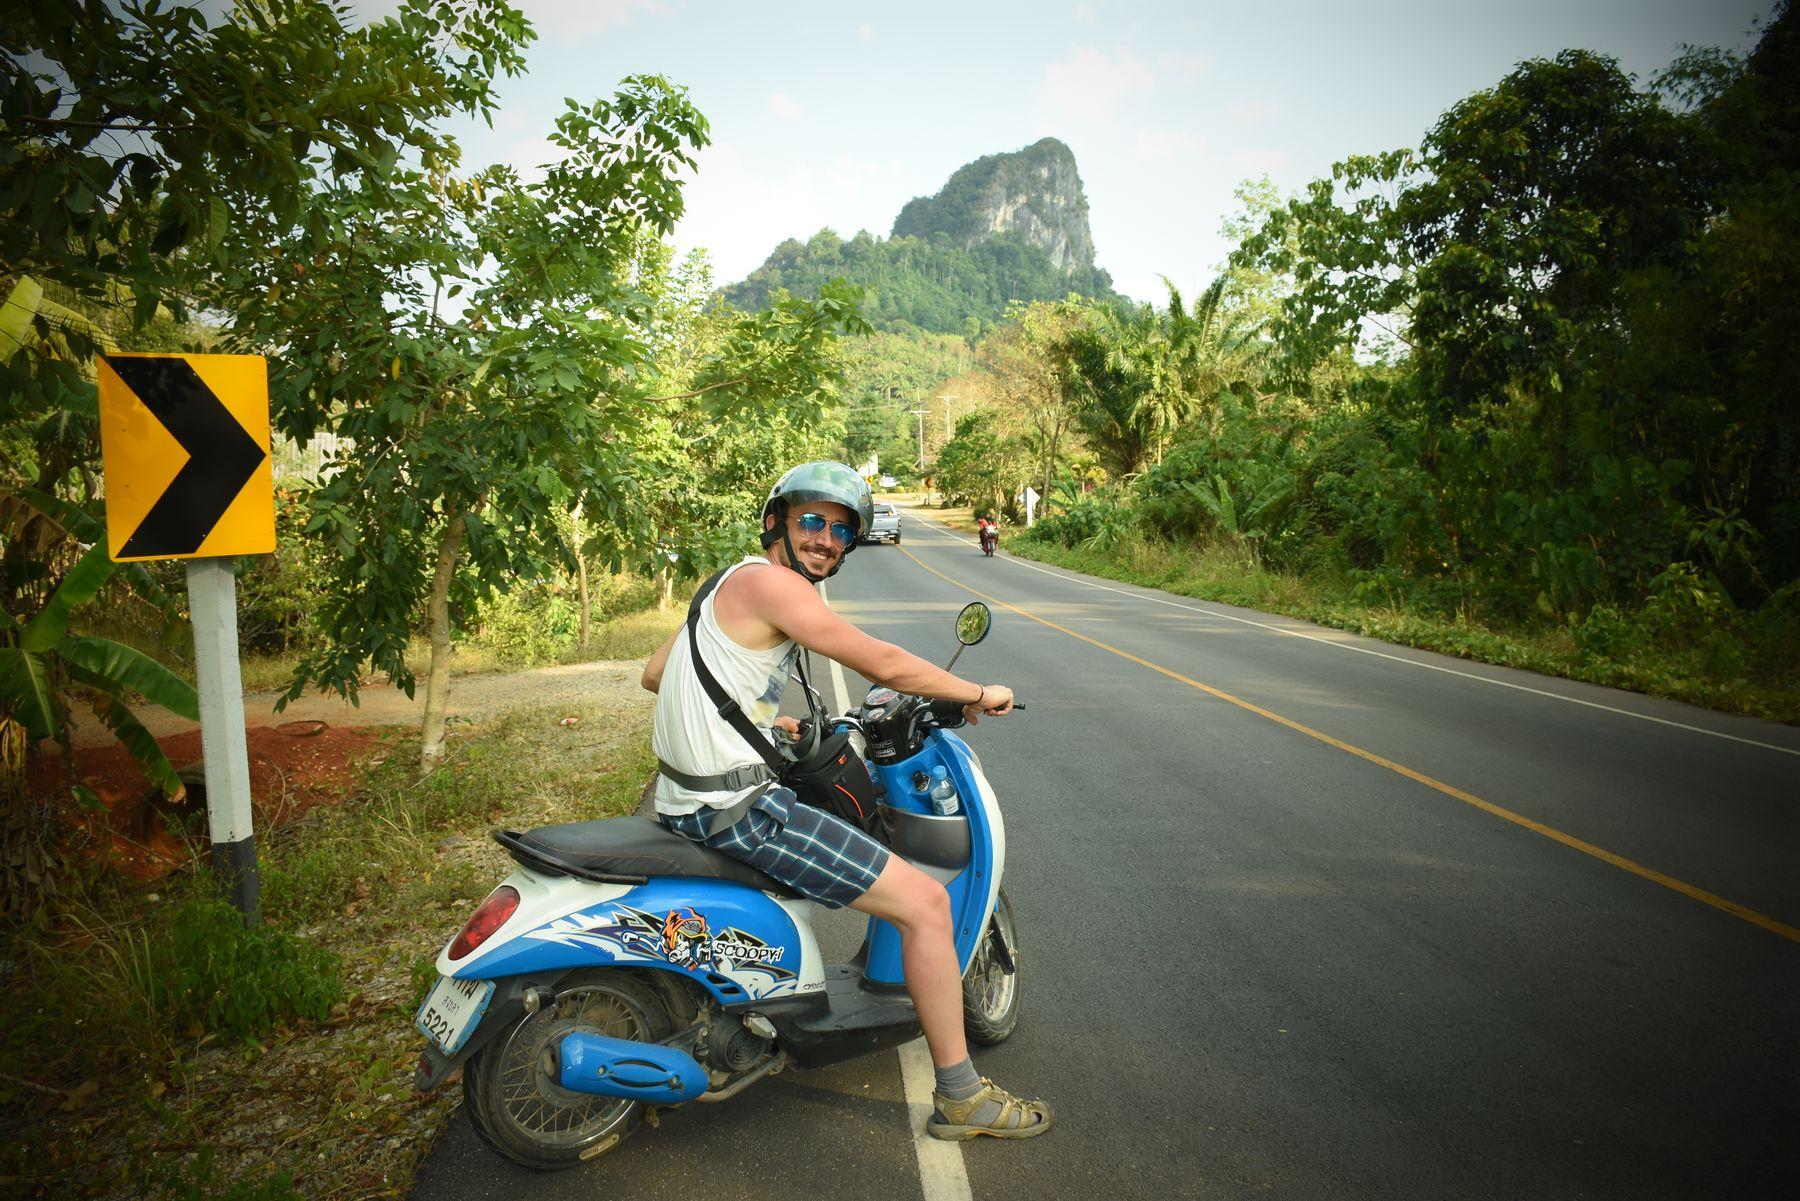 مملیکا با موتور در کرابی تایلند